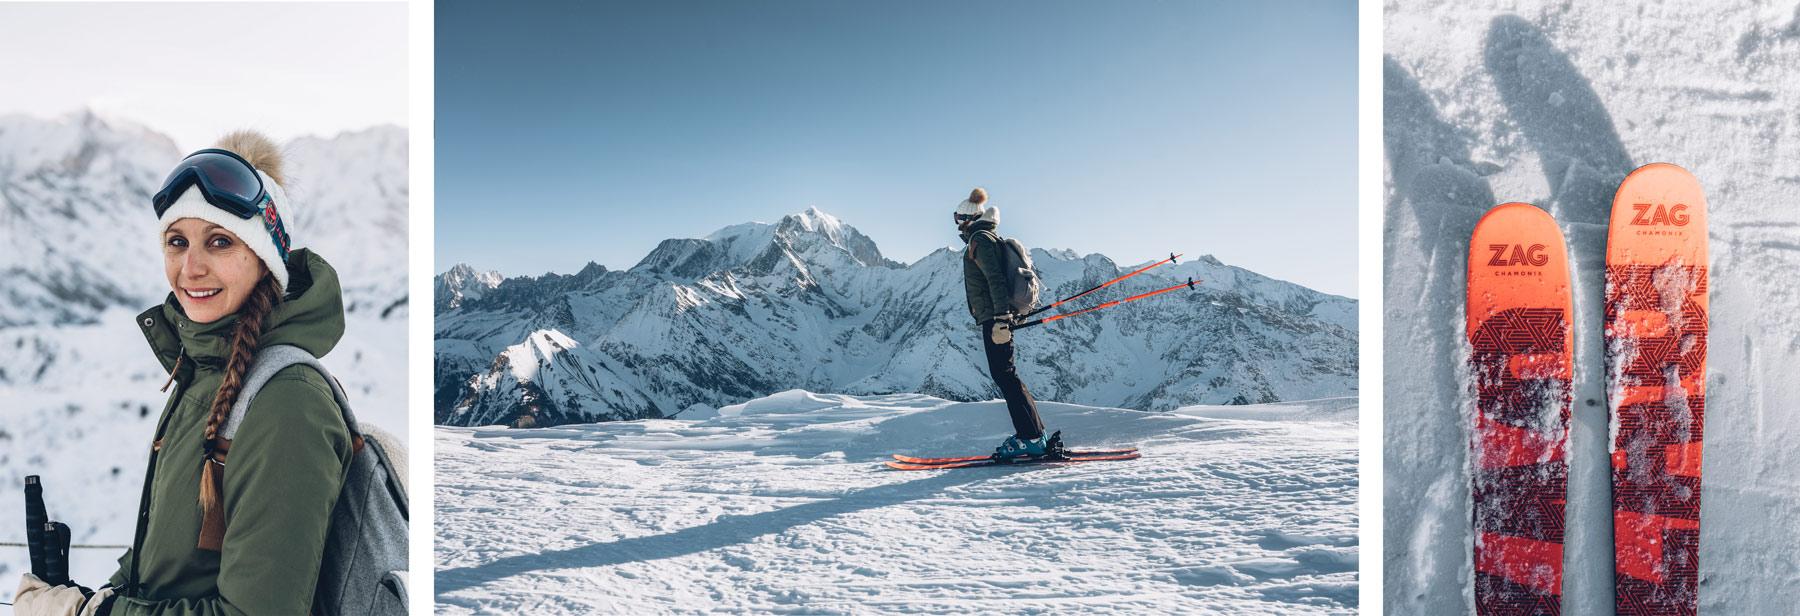 Skier face au Mont Blanc, St Gervais